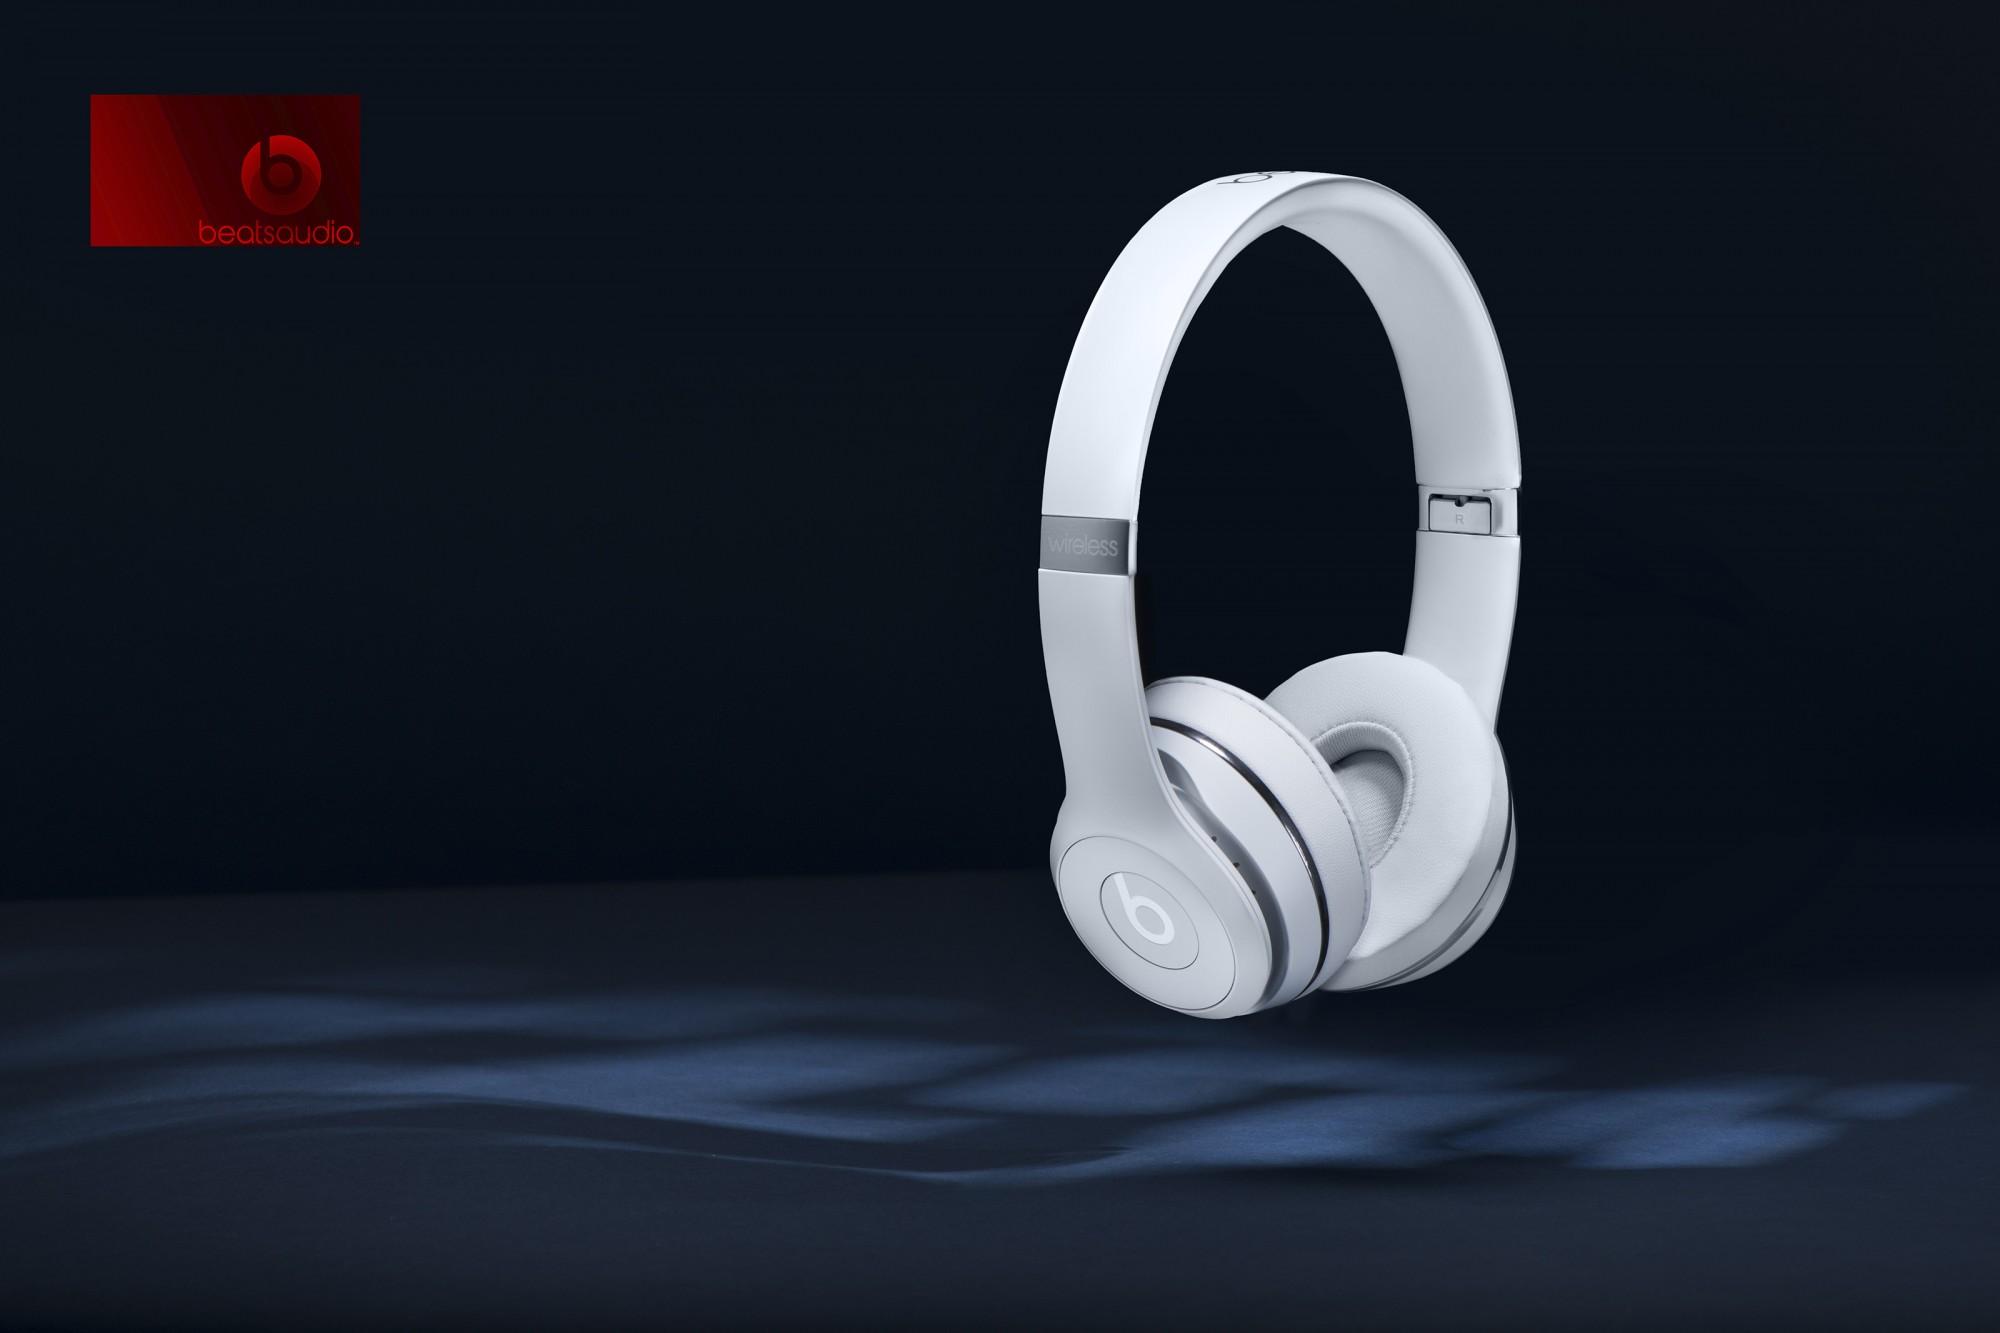 Headphones Productshot Produktfotografie